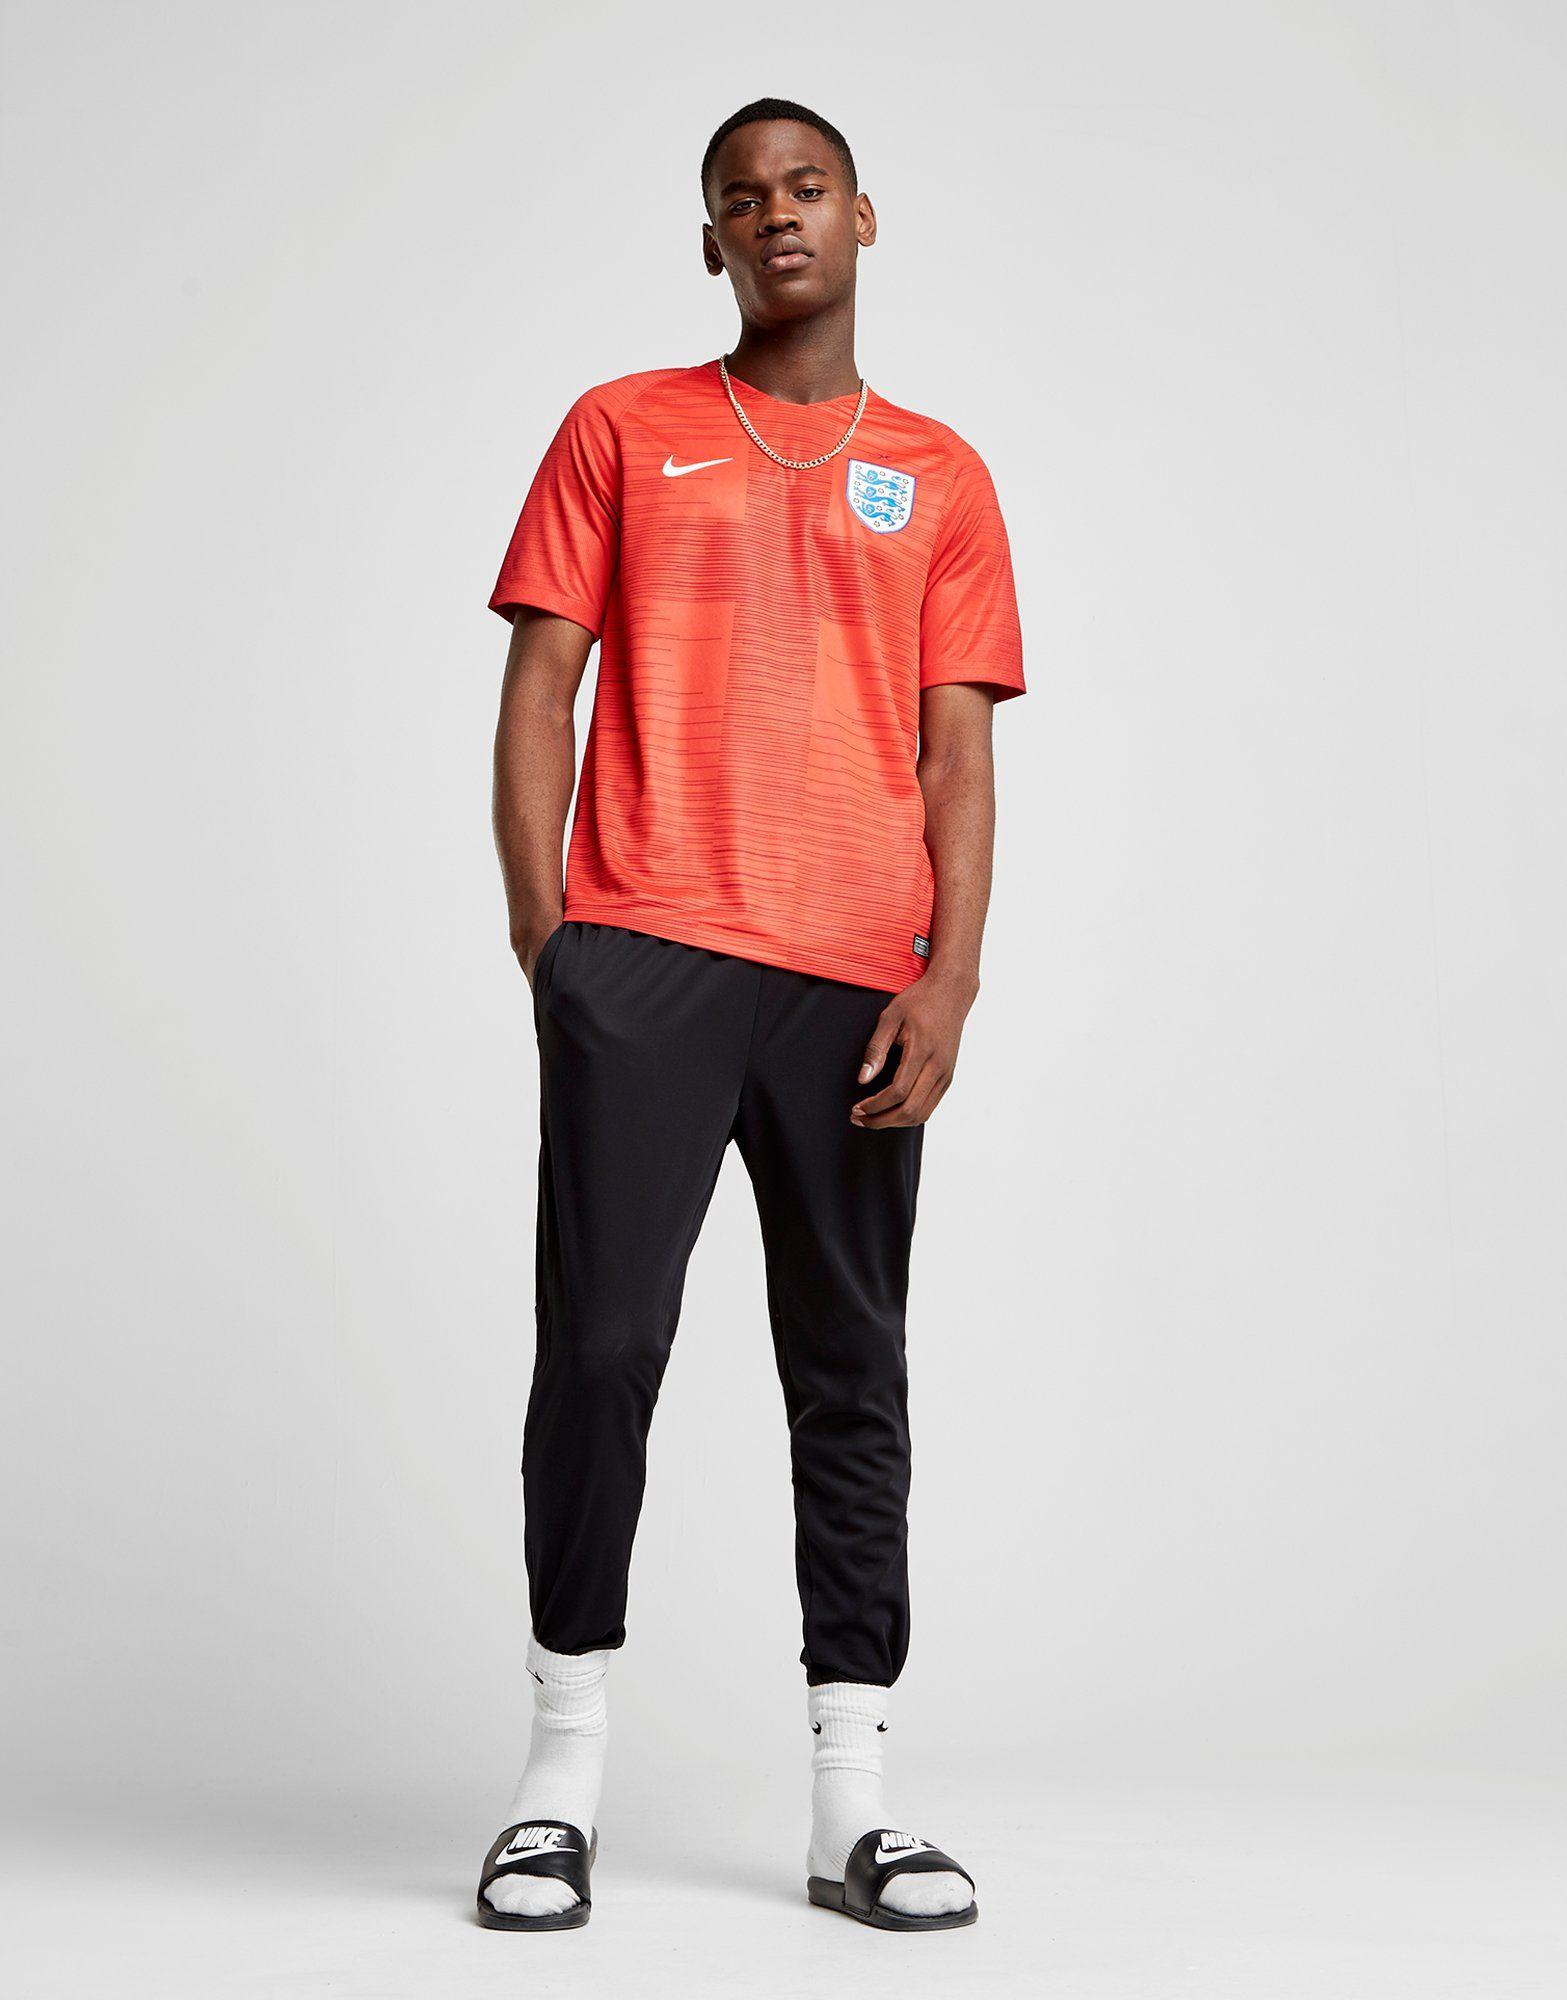 Nike camiseta Inglaterra 2018 2.ª equipación